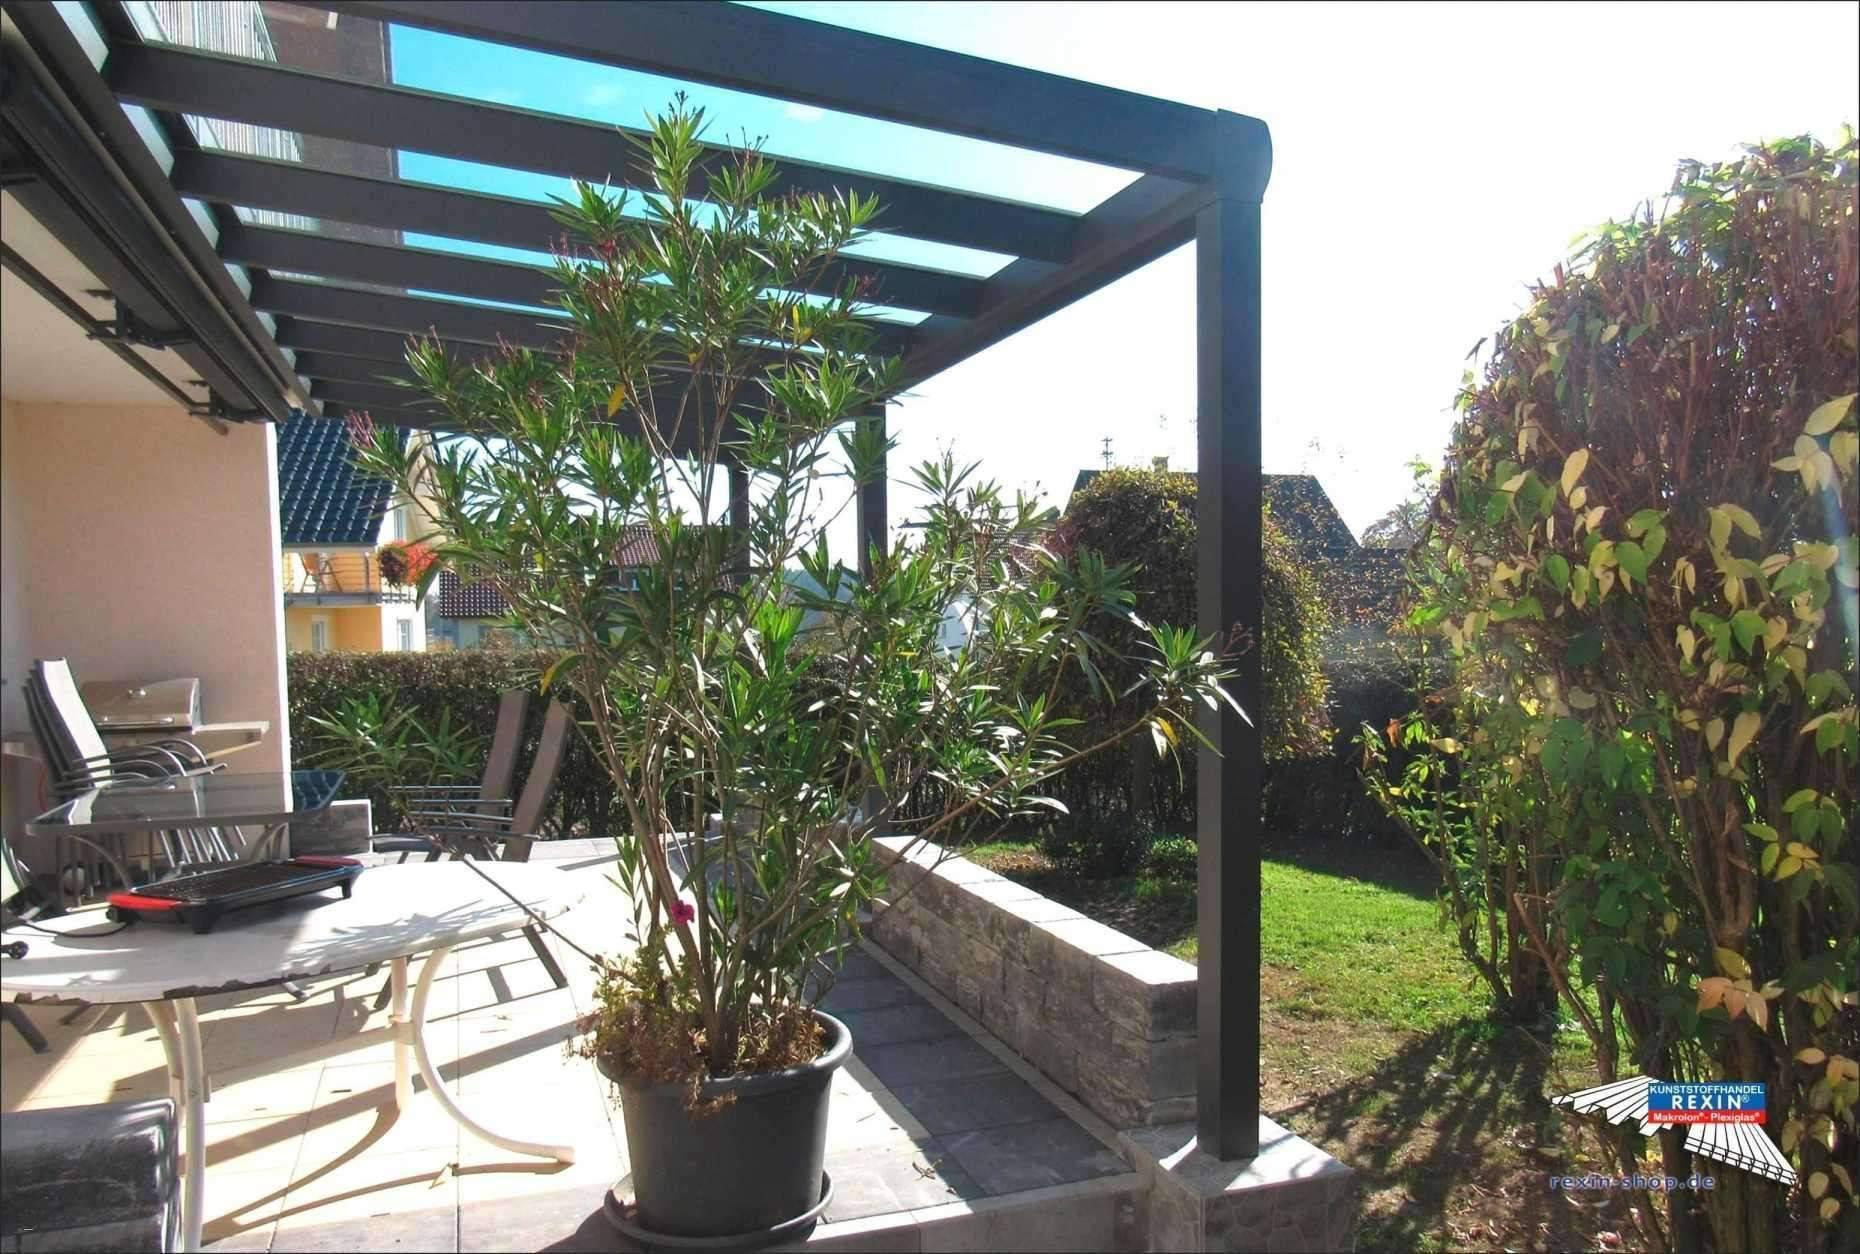 garten terrasse schon 38 kollektion solar terrasse bilder of garten terrasse